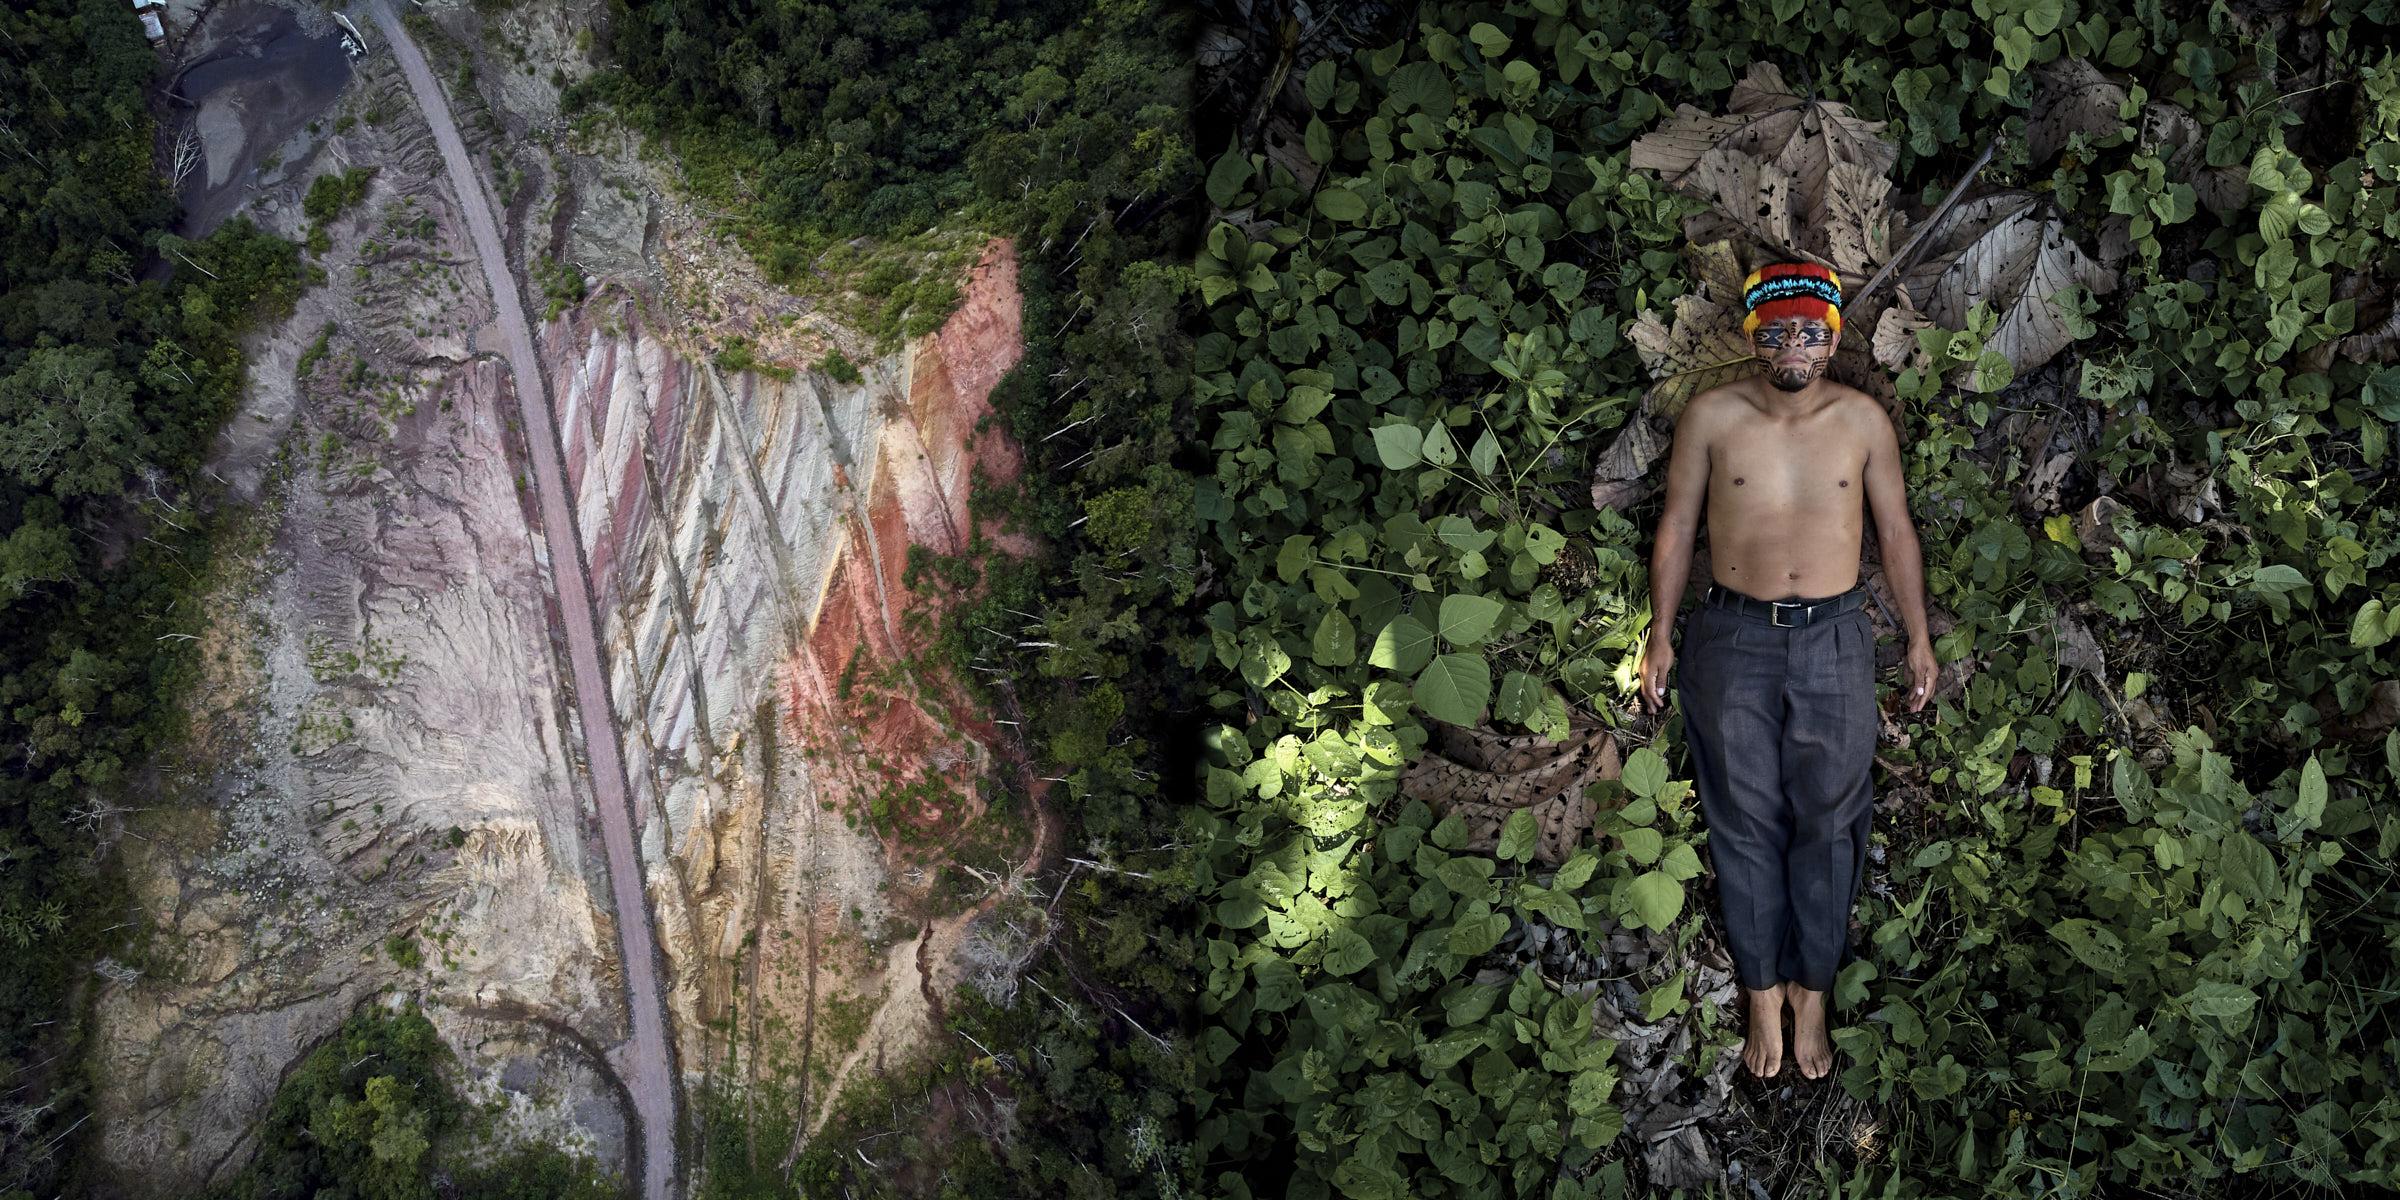 Julián Illanes é um indígena da nacionalidade Achuar do Equador que luta para evitar os impactos da nova estrada que está sendo construída dentro do território Achuar. Direita: Julián deitado em seu território. Esquerda: vista aérea da nova estrada que leva ao território Achuar.